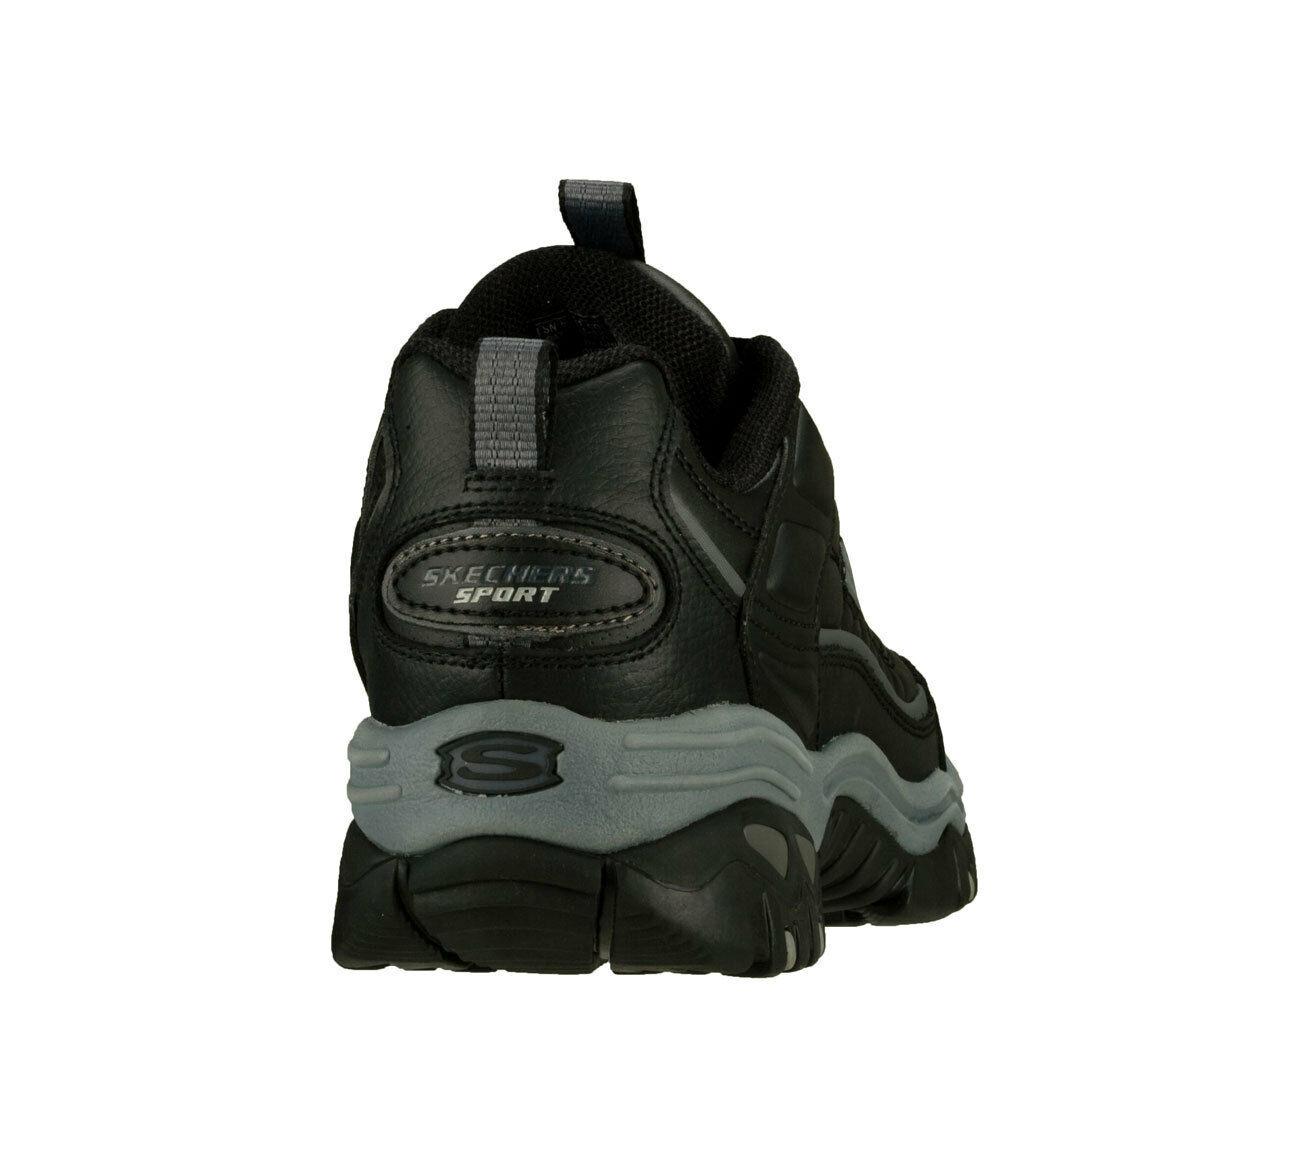 Skechers Black EW Wide Width shoes Men New Sport Train Leather Sneaker 50081 BBK